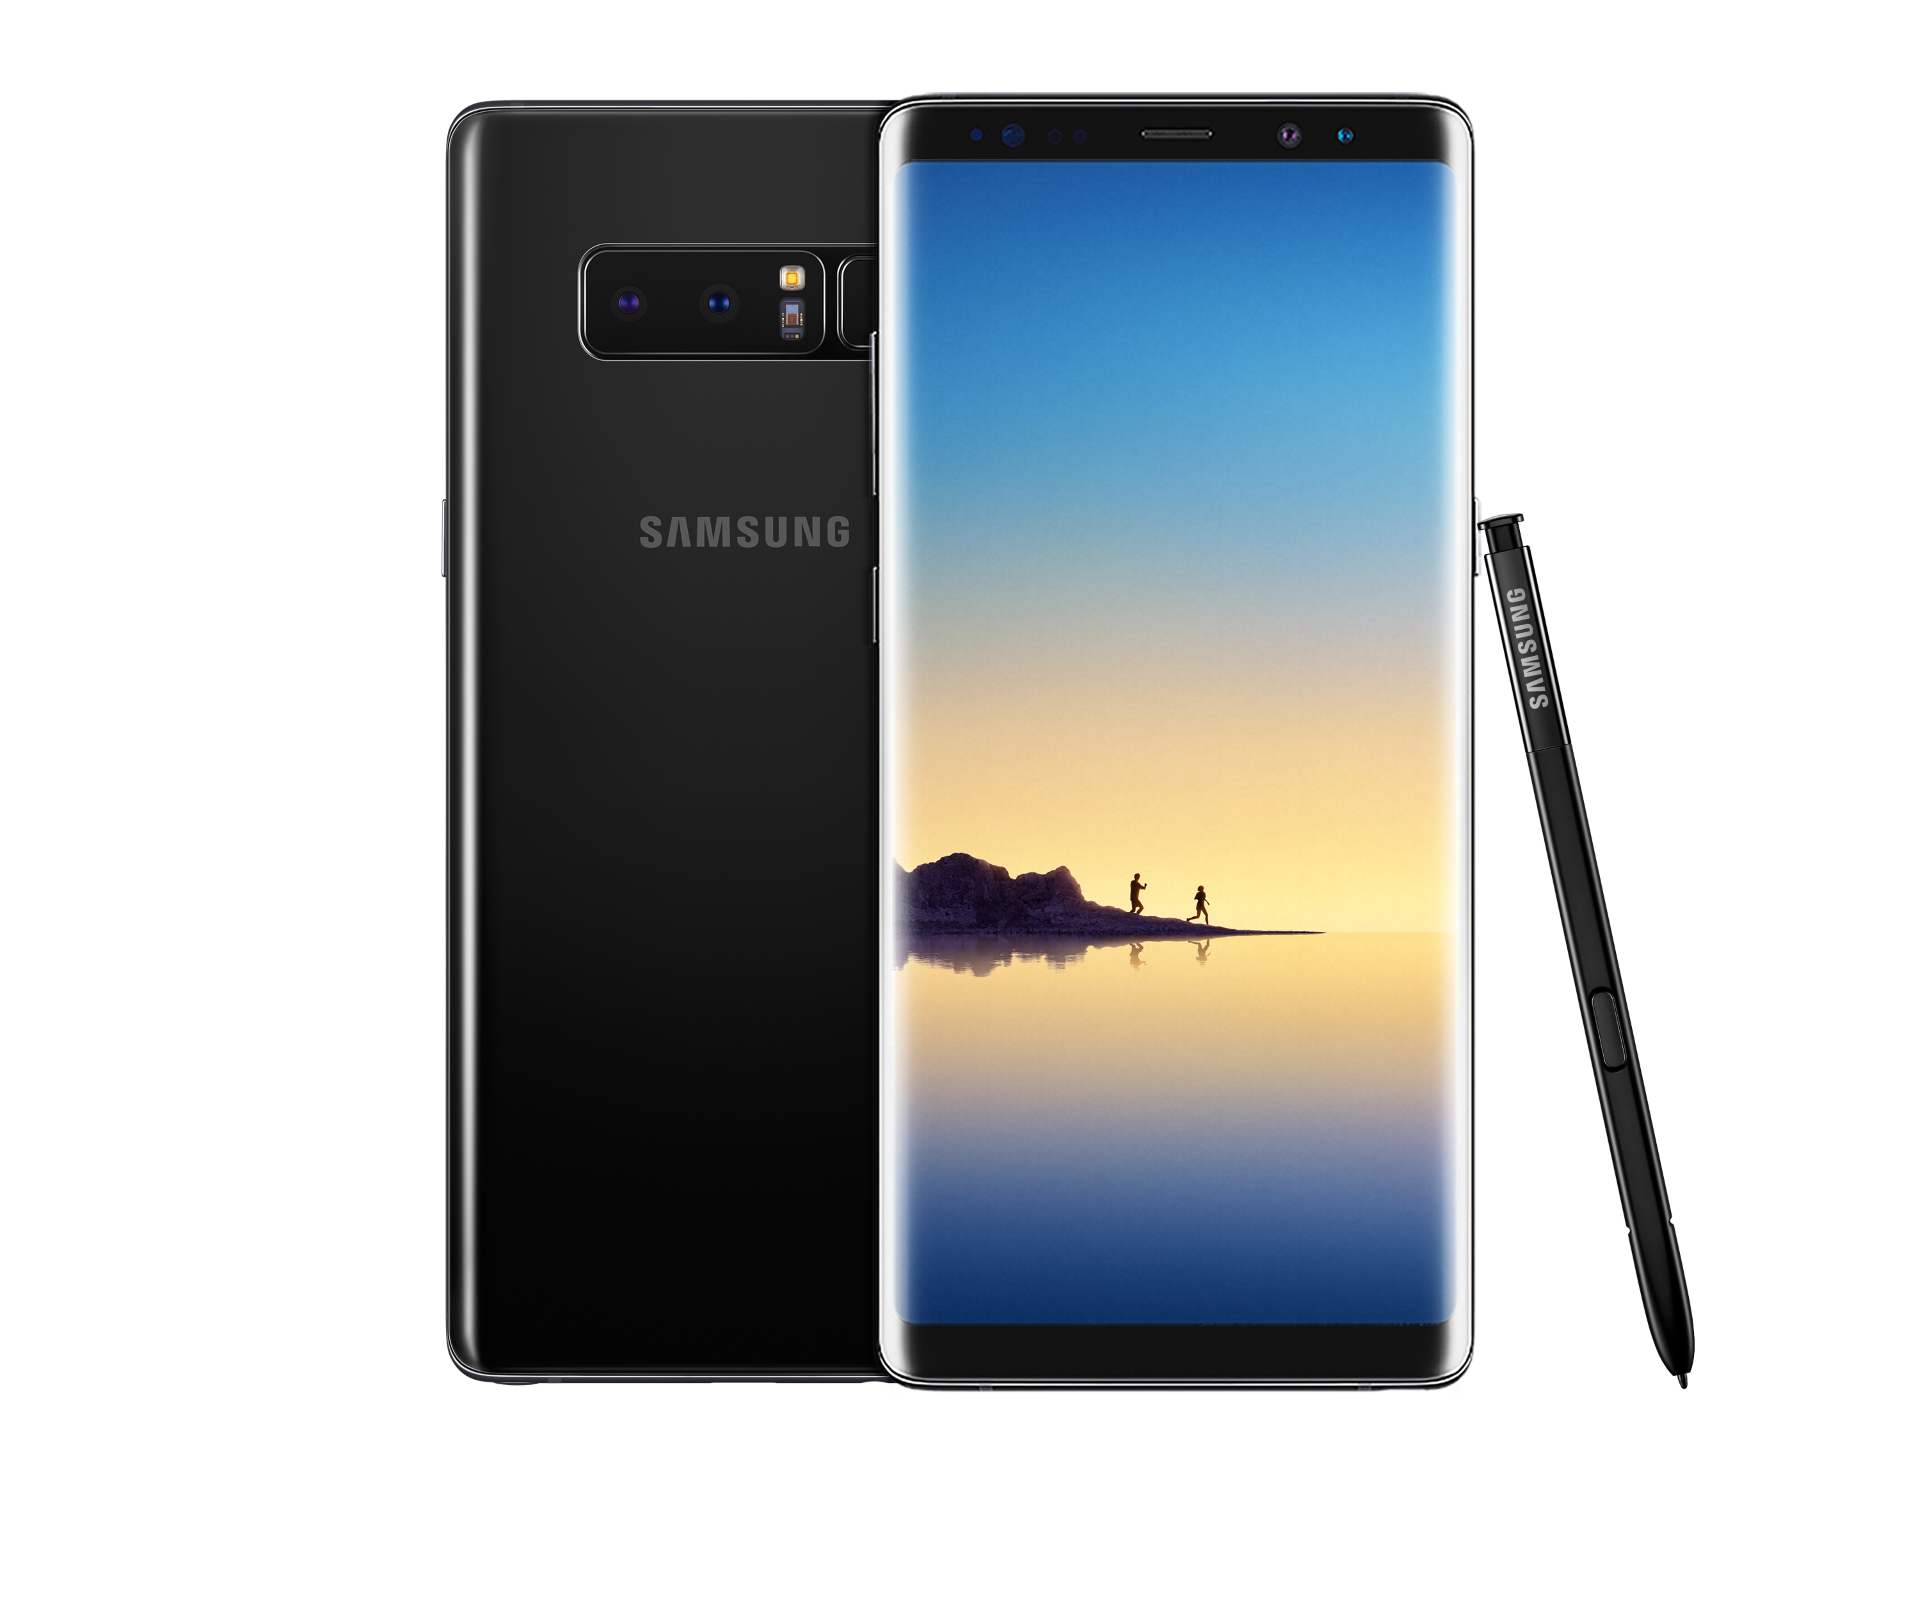 Le Galaxy Note 8 de Samsung apparaît actuellement en promotion à 799 euros  sur le site du e-commerçant Amazon avec une carte microSD offerte. 13abf97b82c6